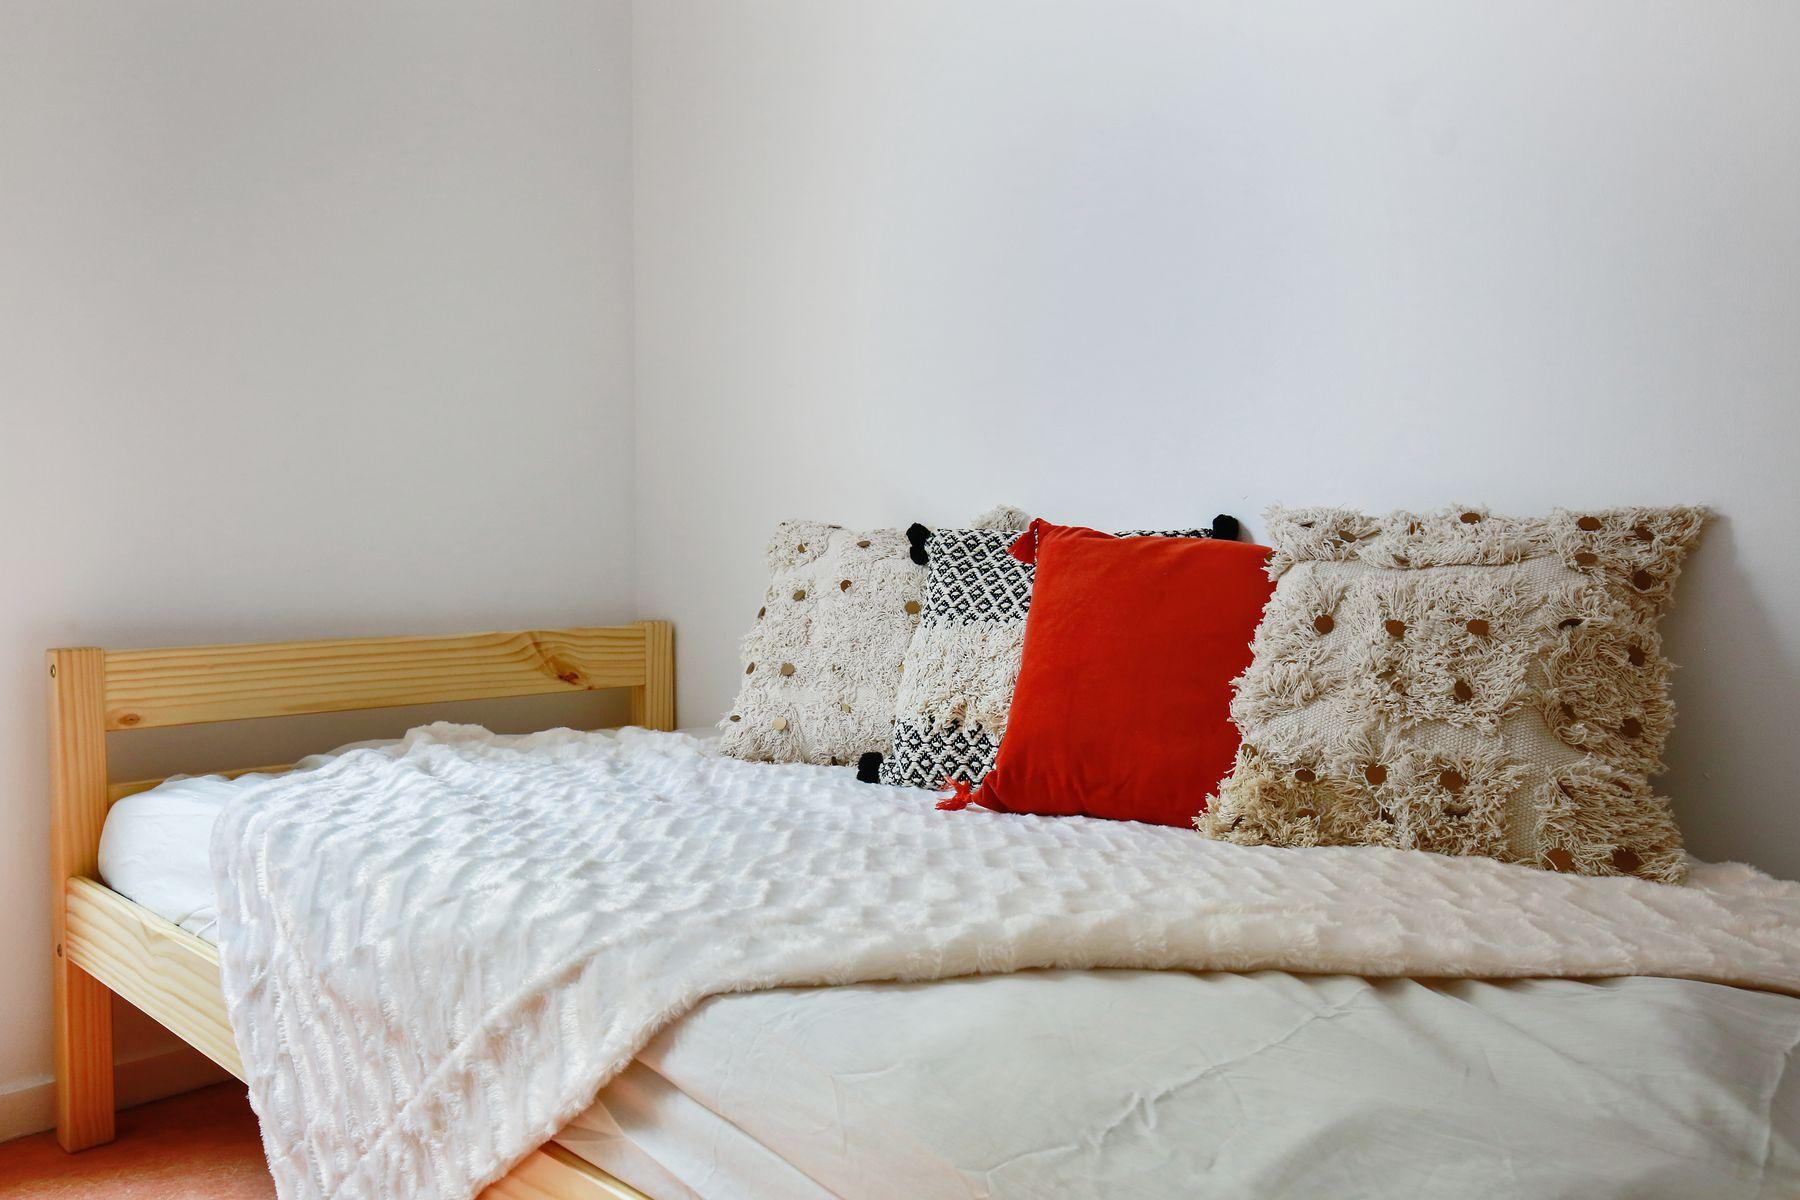 LOGIFAC résidence étudiante Ecrivains Carrières sur seine lit